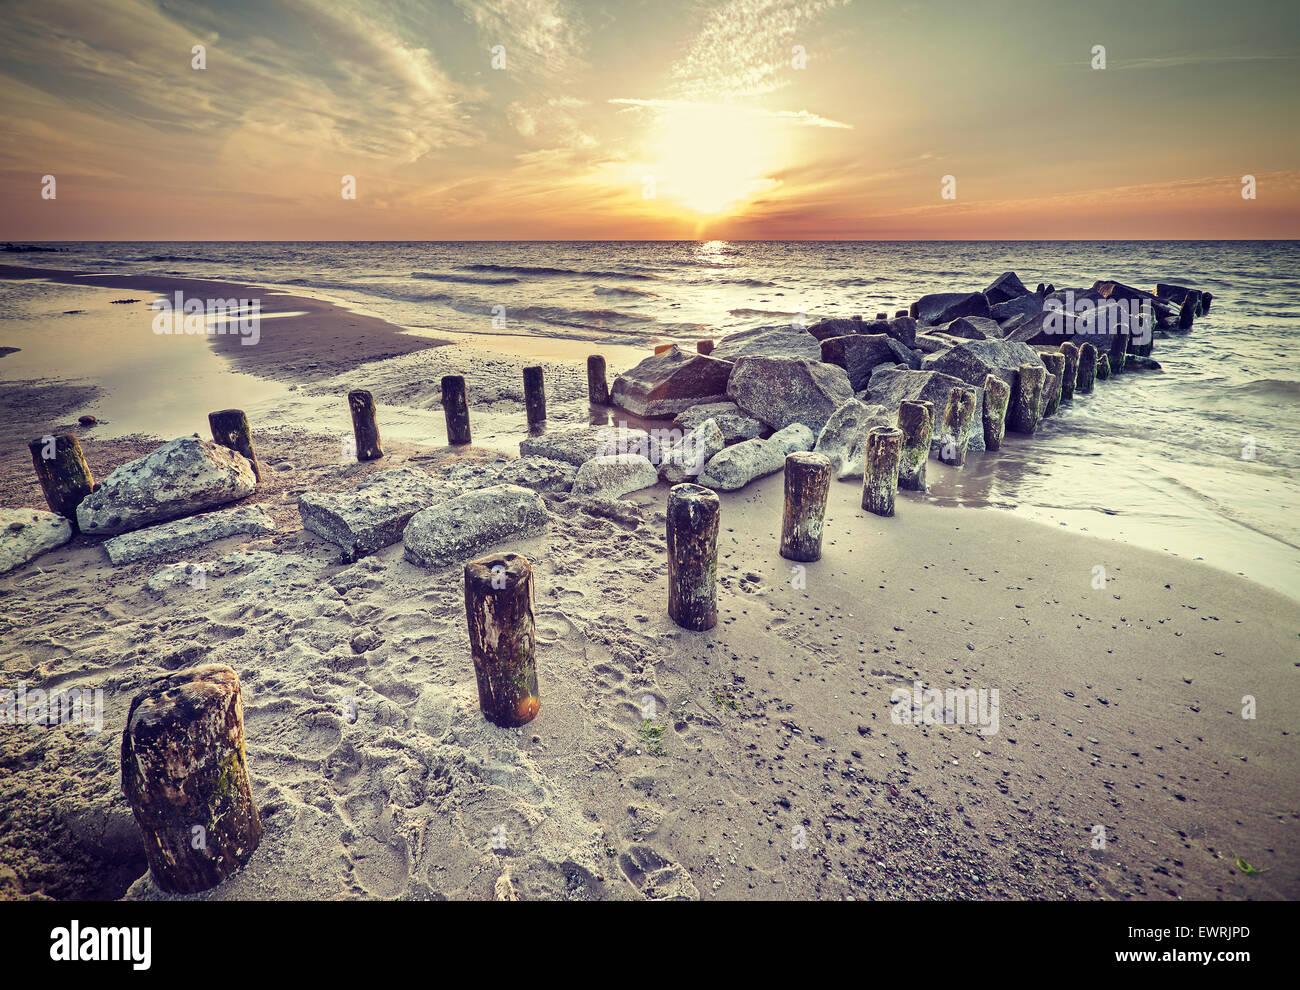 Estilo Vintage Retro hermosa puesta de sol sobre la costa del Mar Báltico, Miedzyzdroje en Polonia. Imagen De Stock